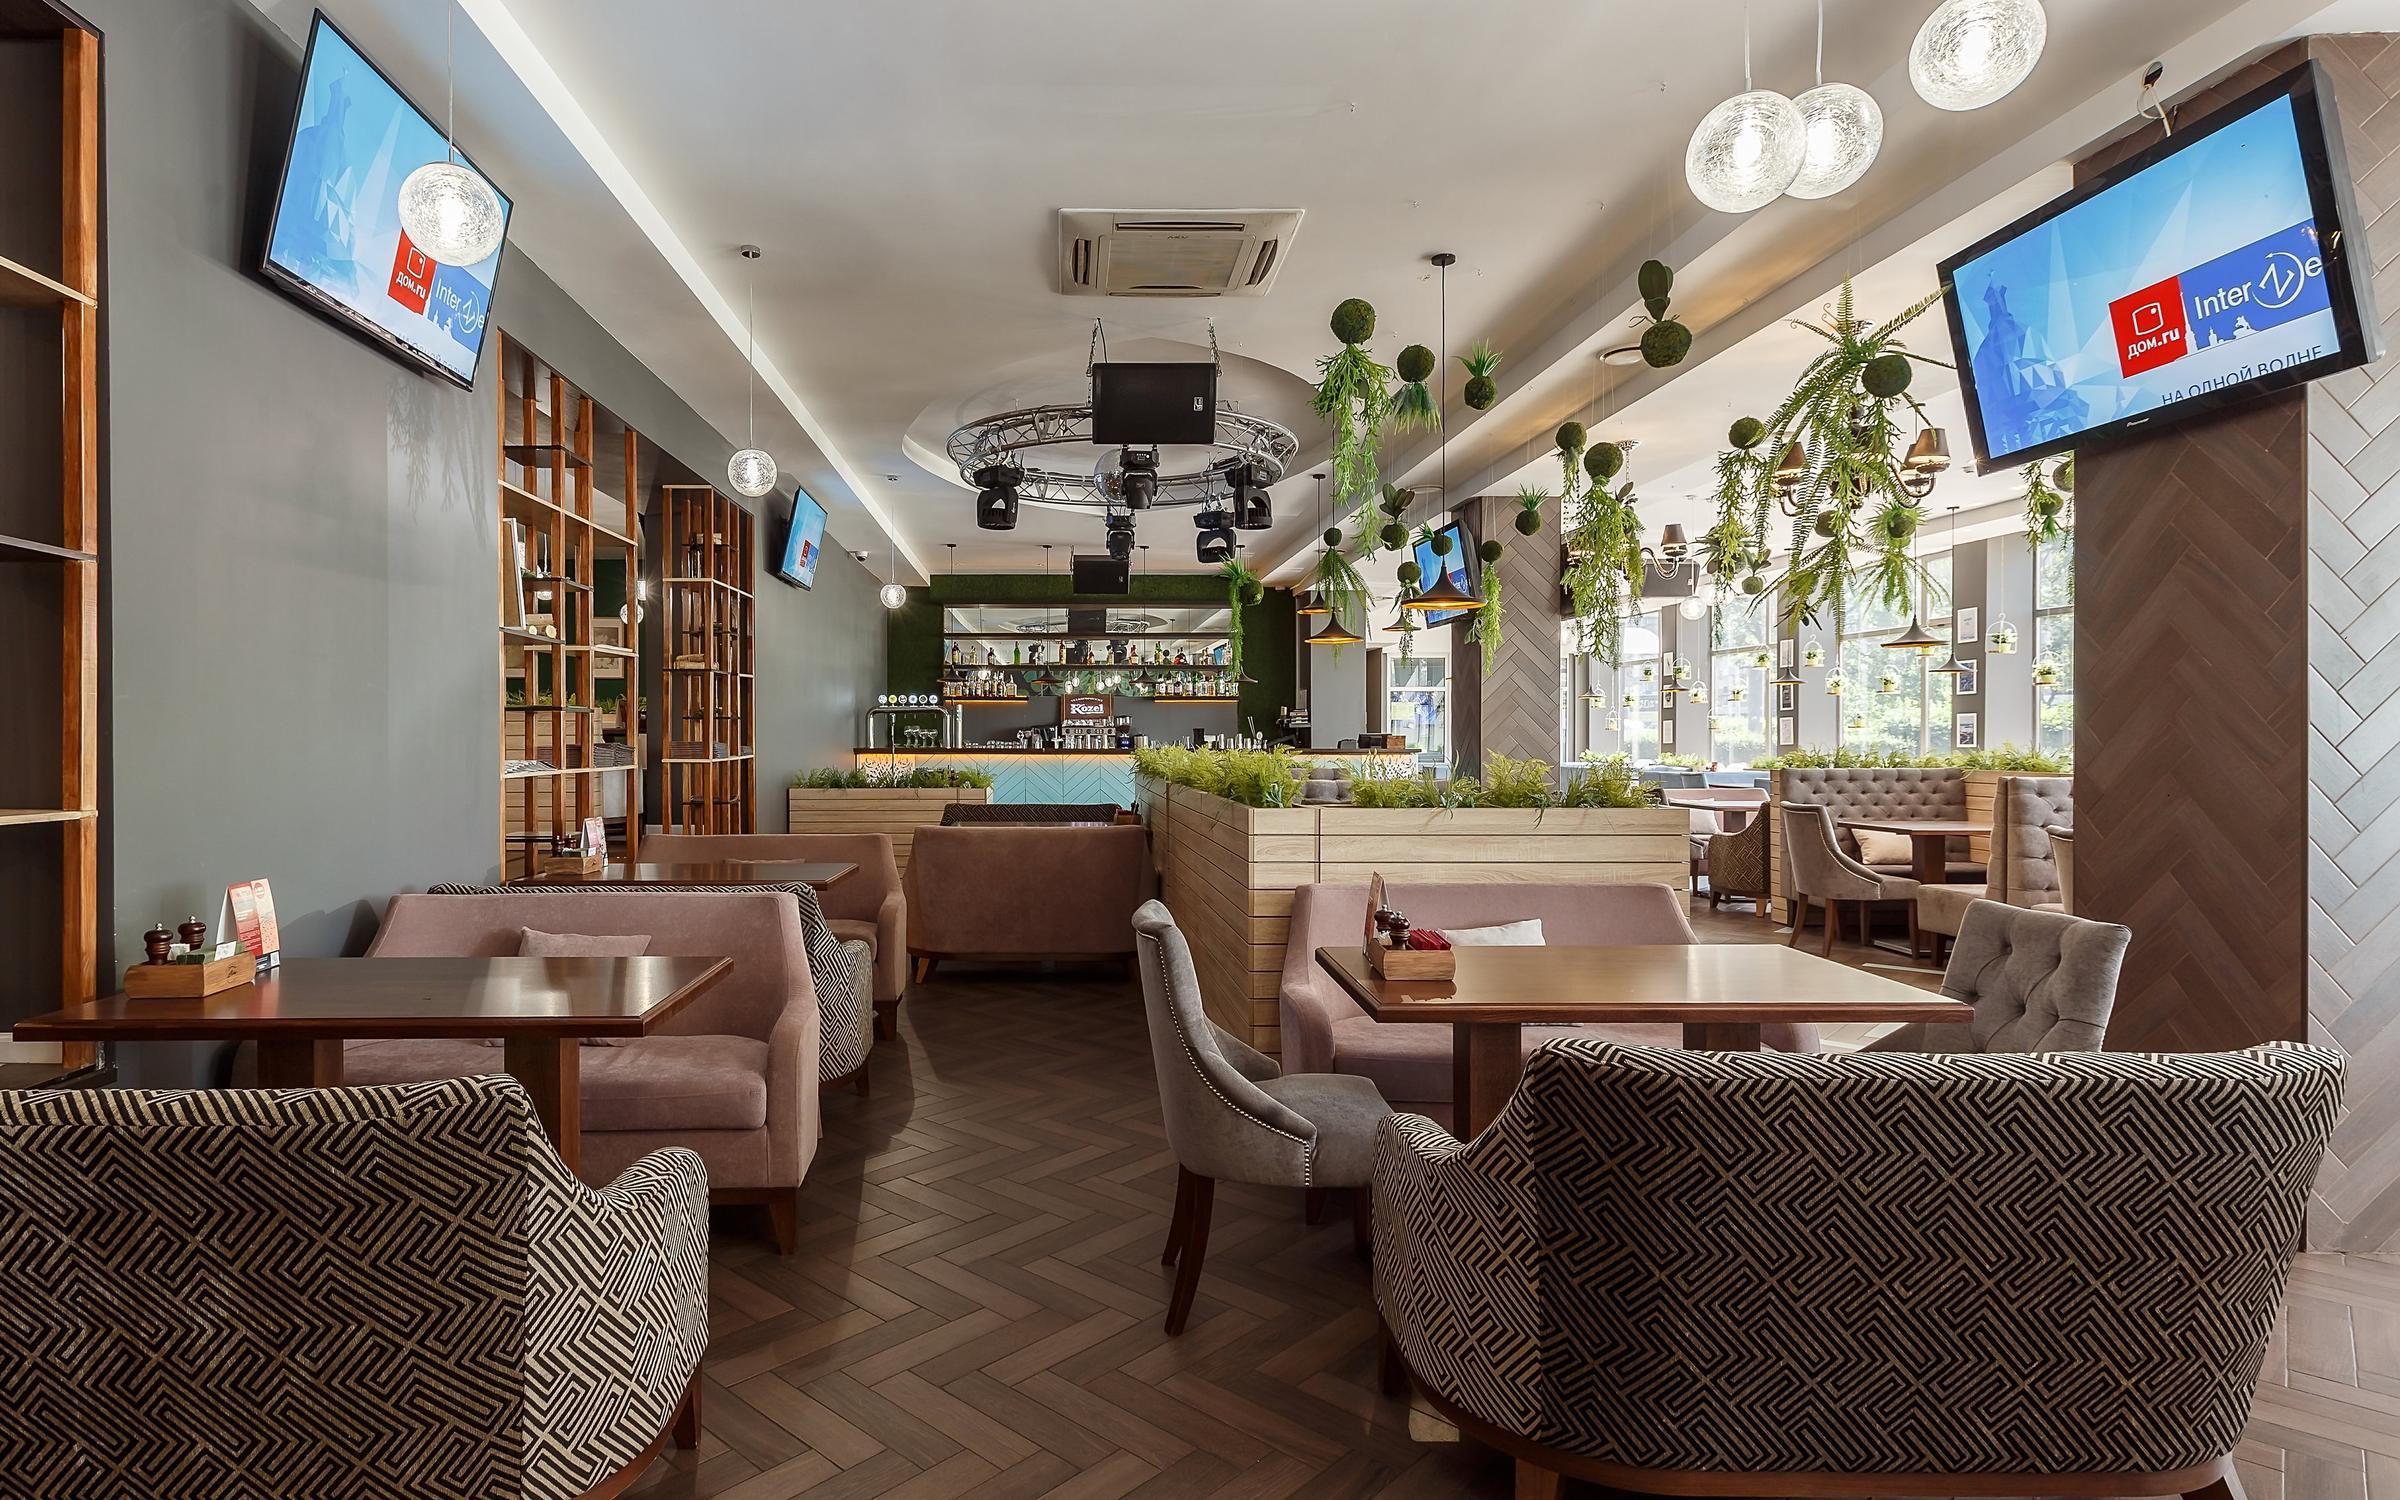 фотография Ресторана Лес в Московском районе